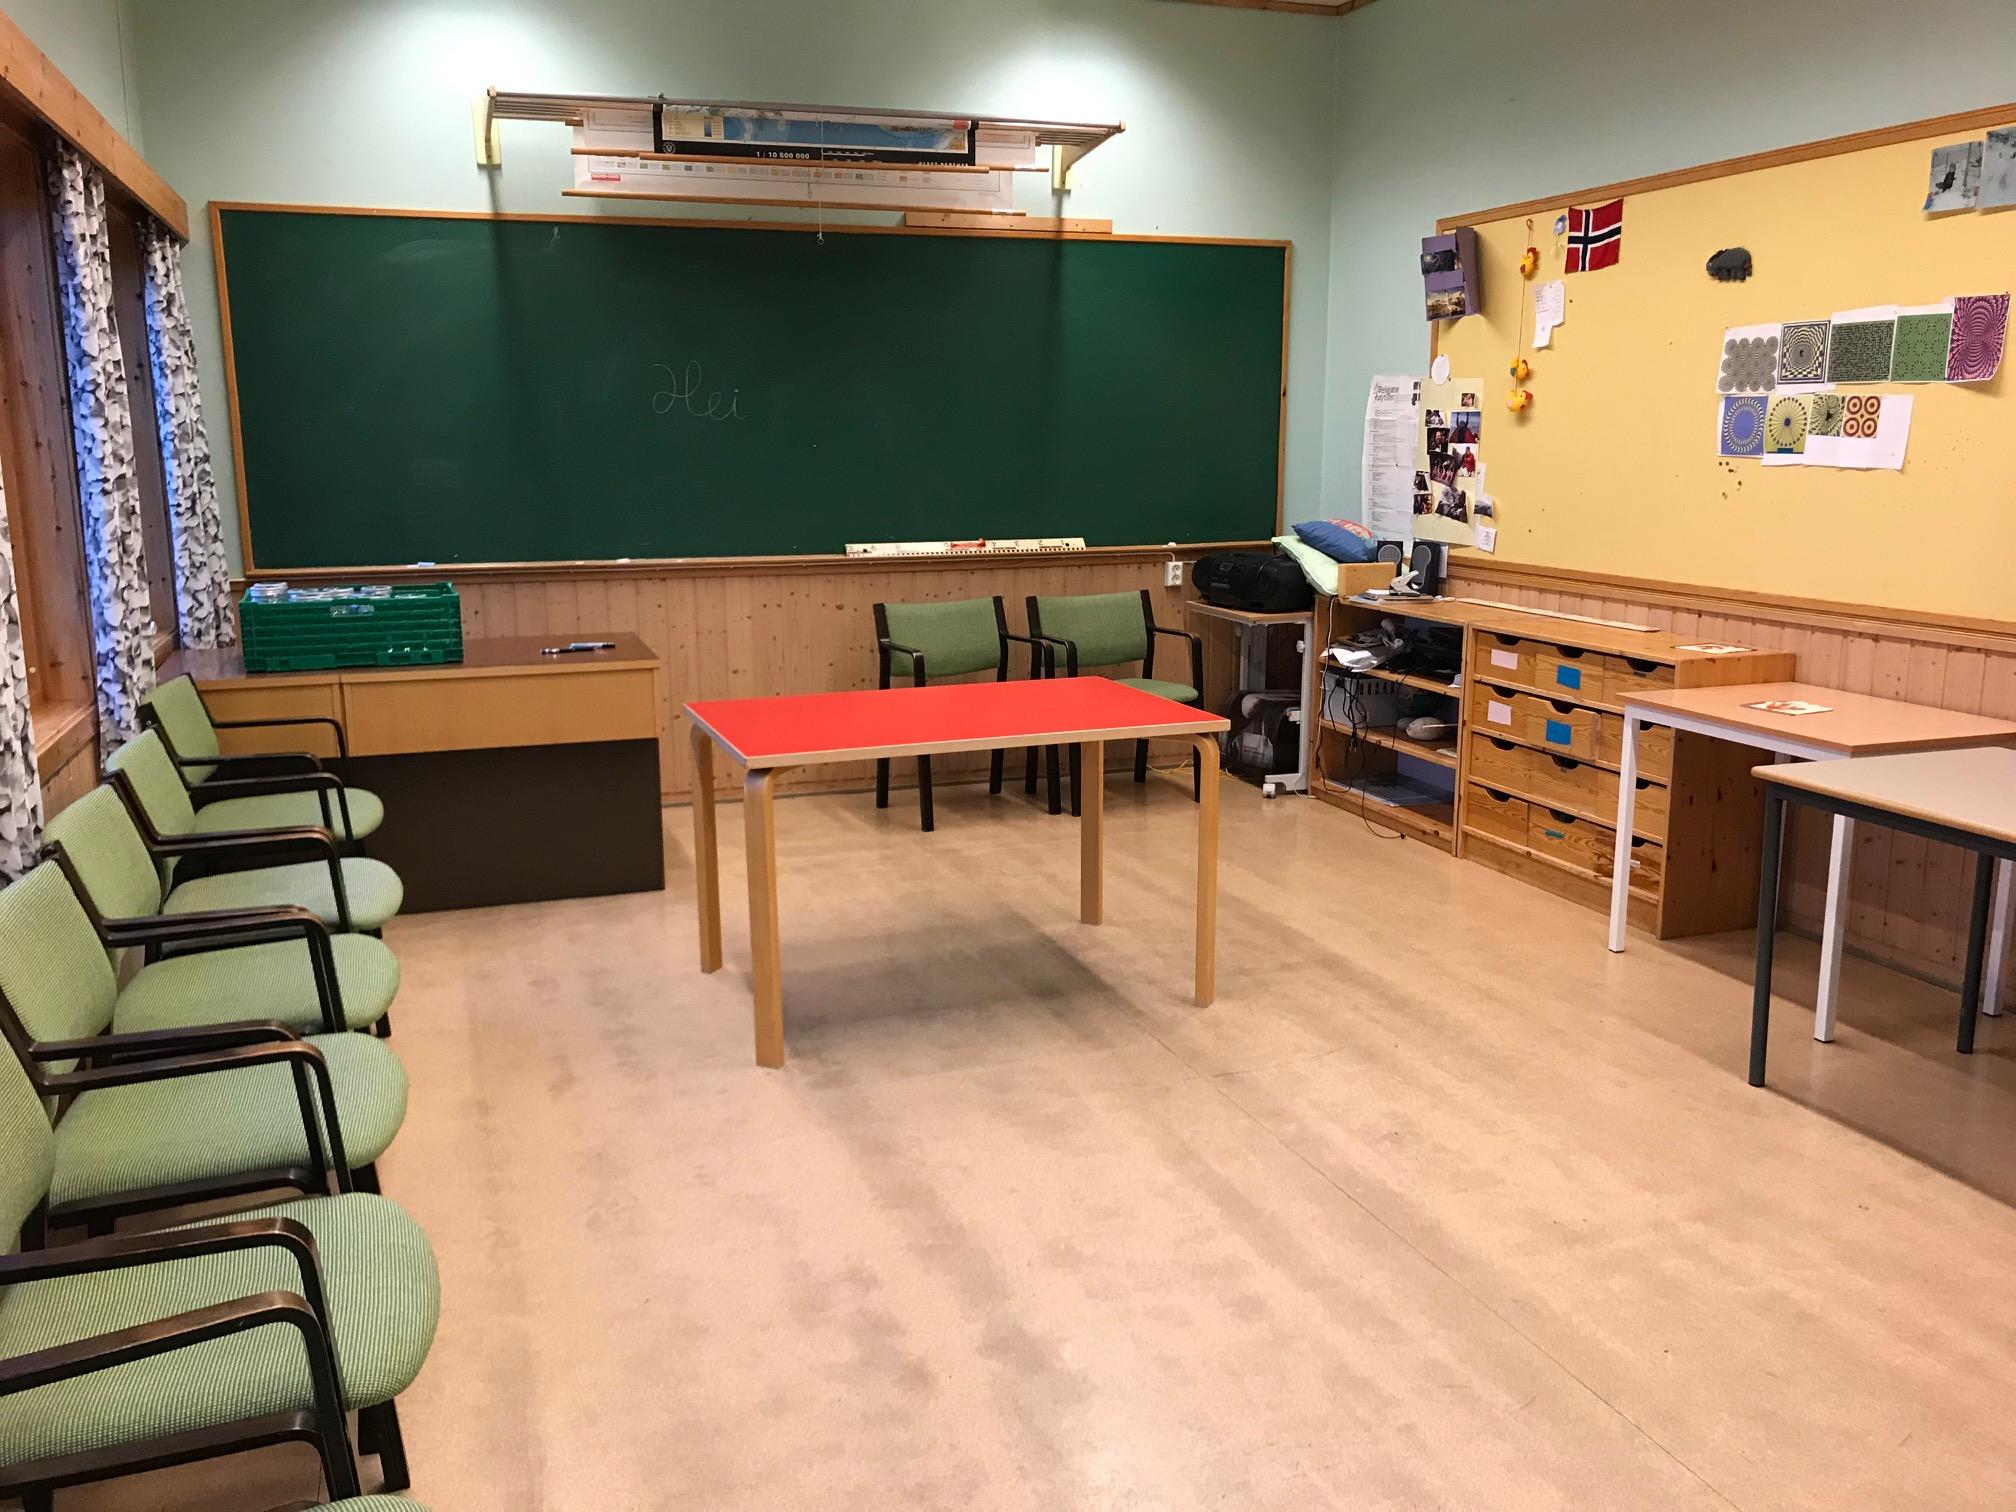 Det store klasserommet er på 40 kvm.